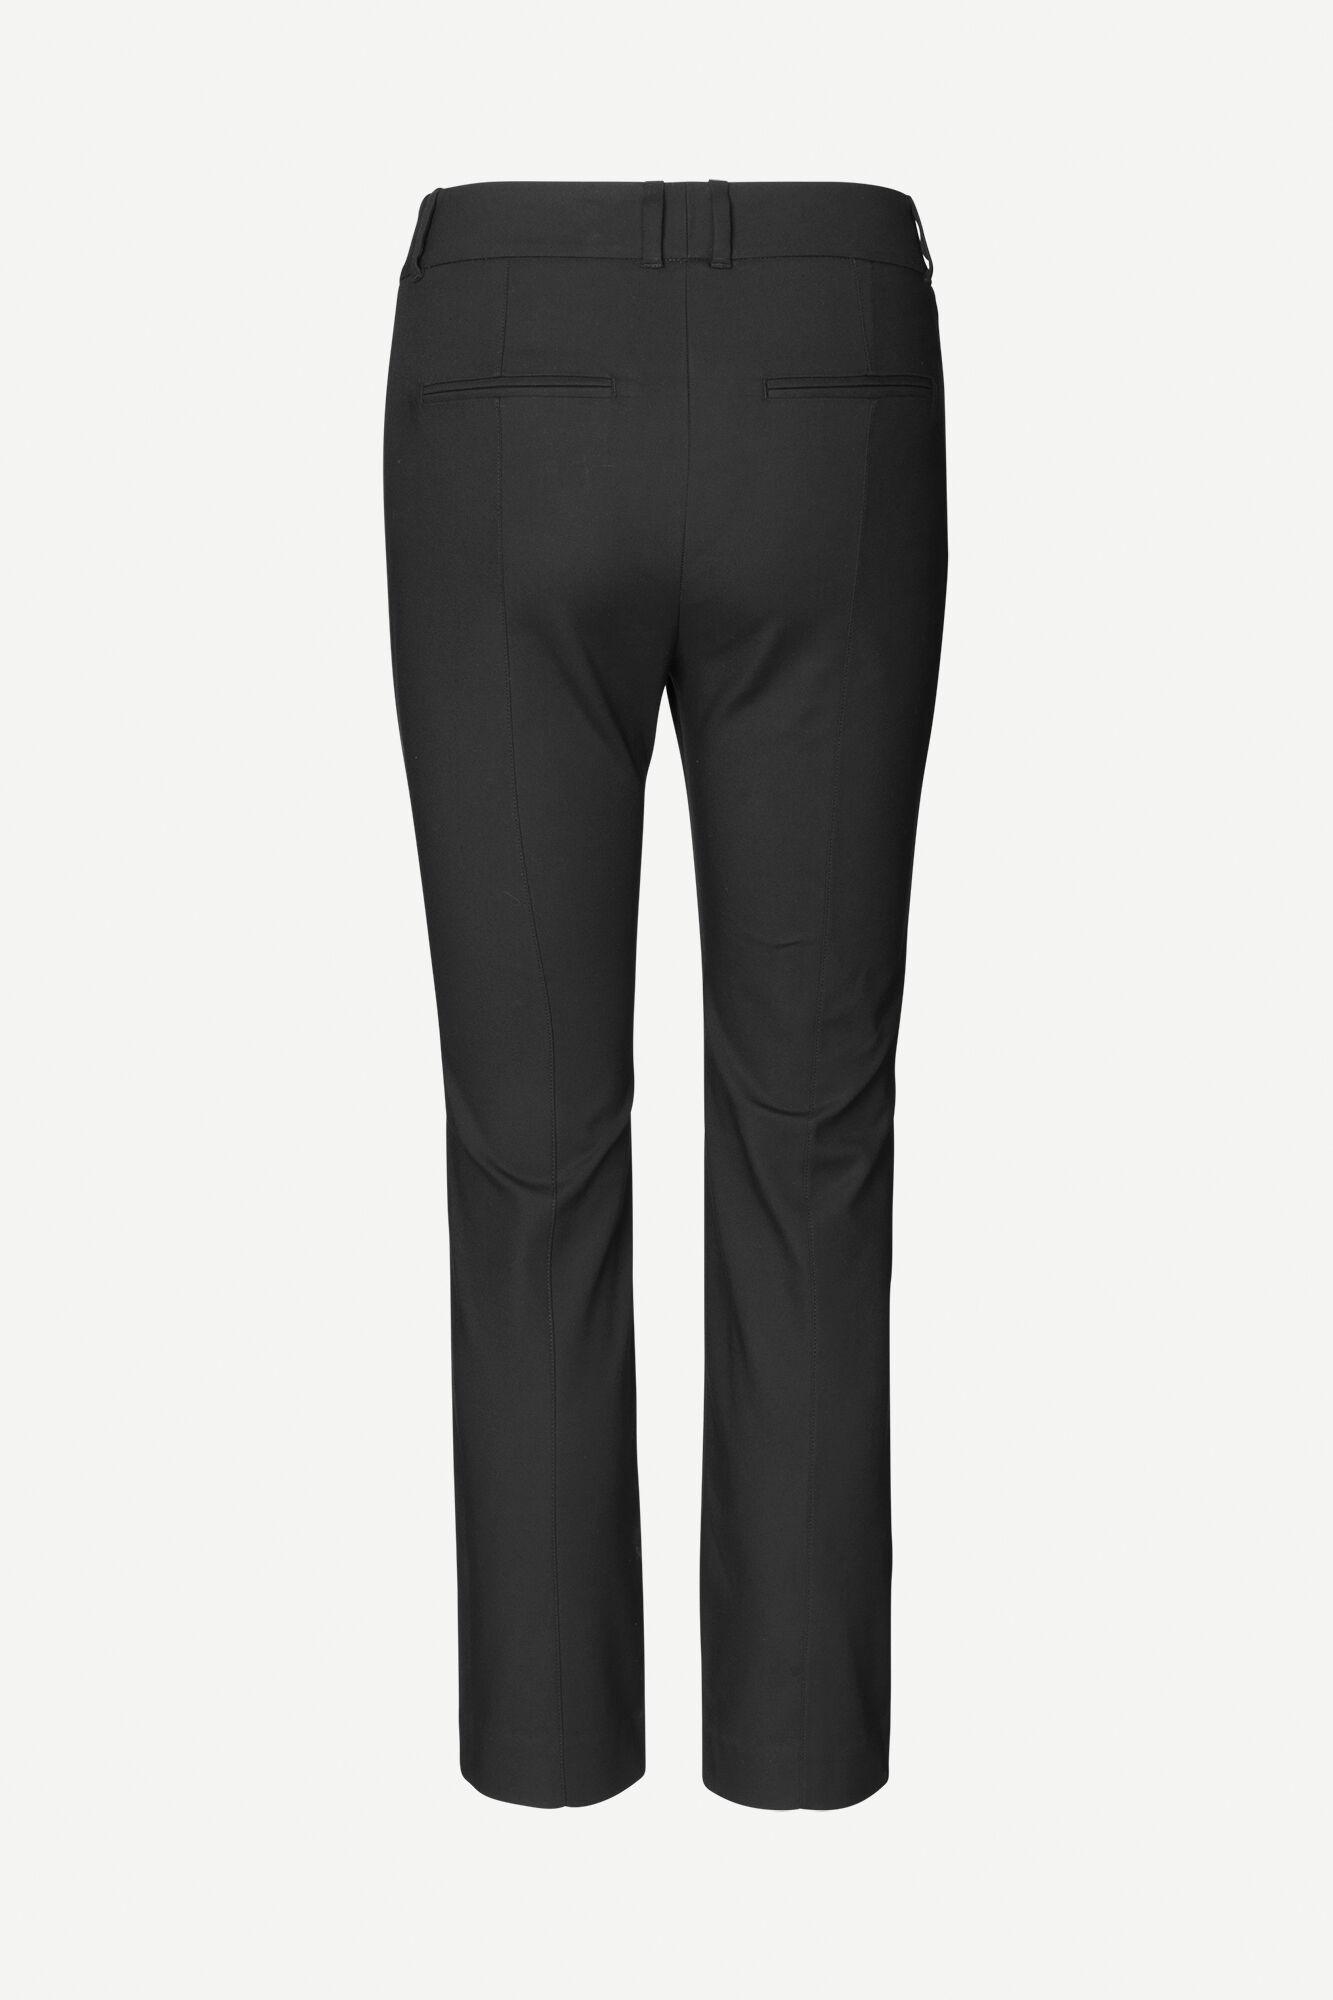 Hilma pants 9955